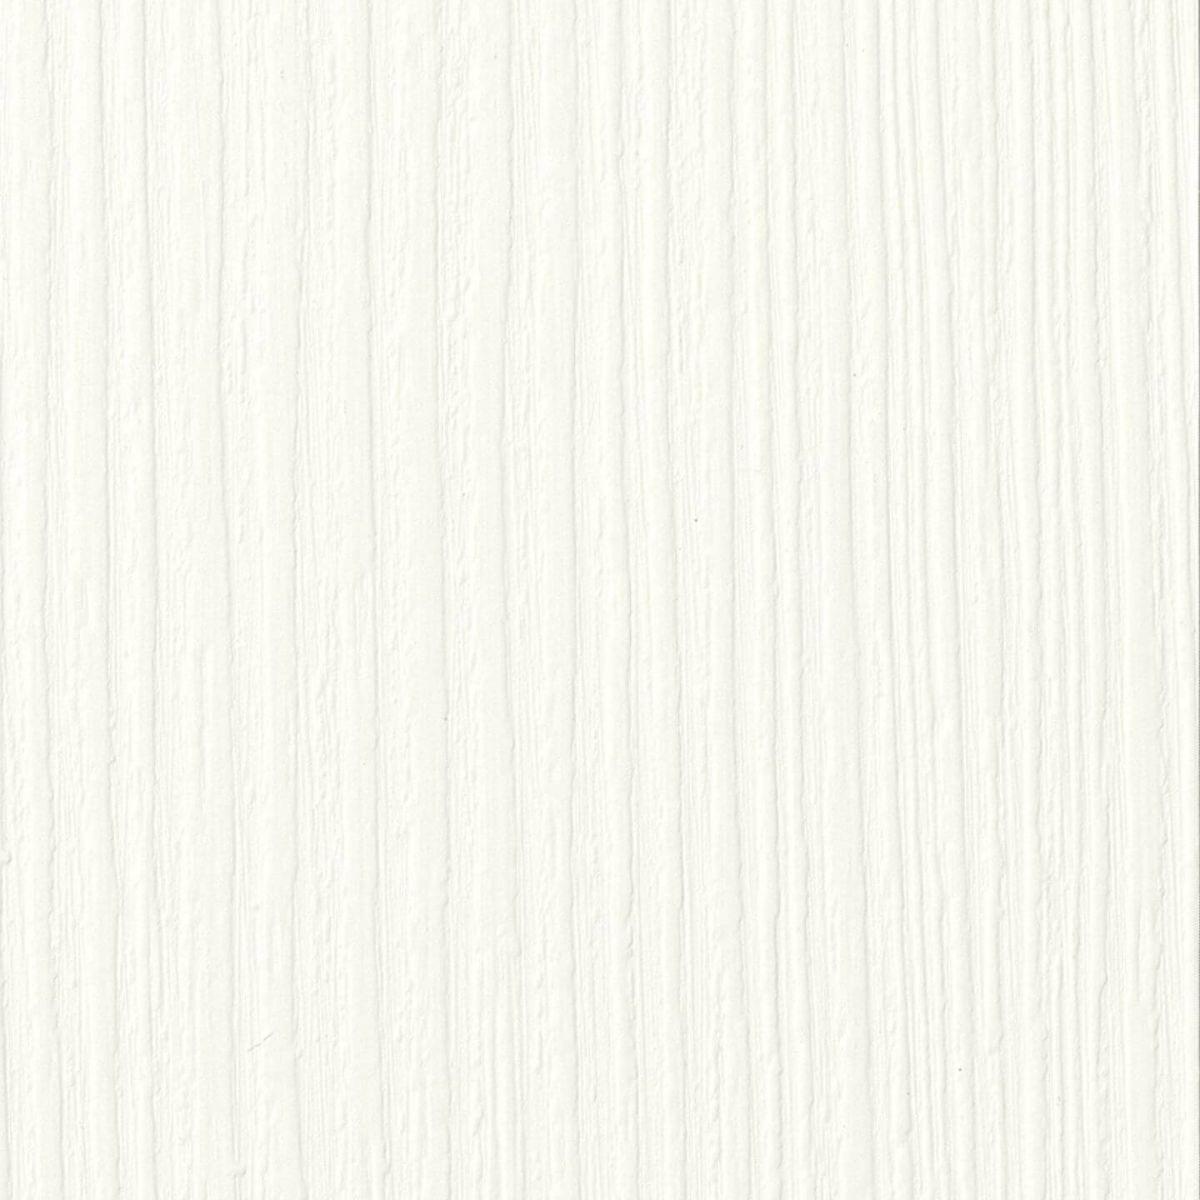 Finitura pannelli in bianco matrix per parete in vetro